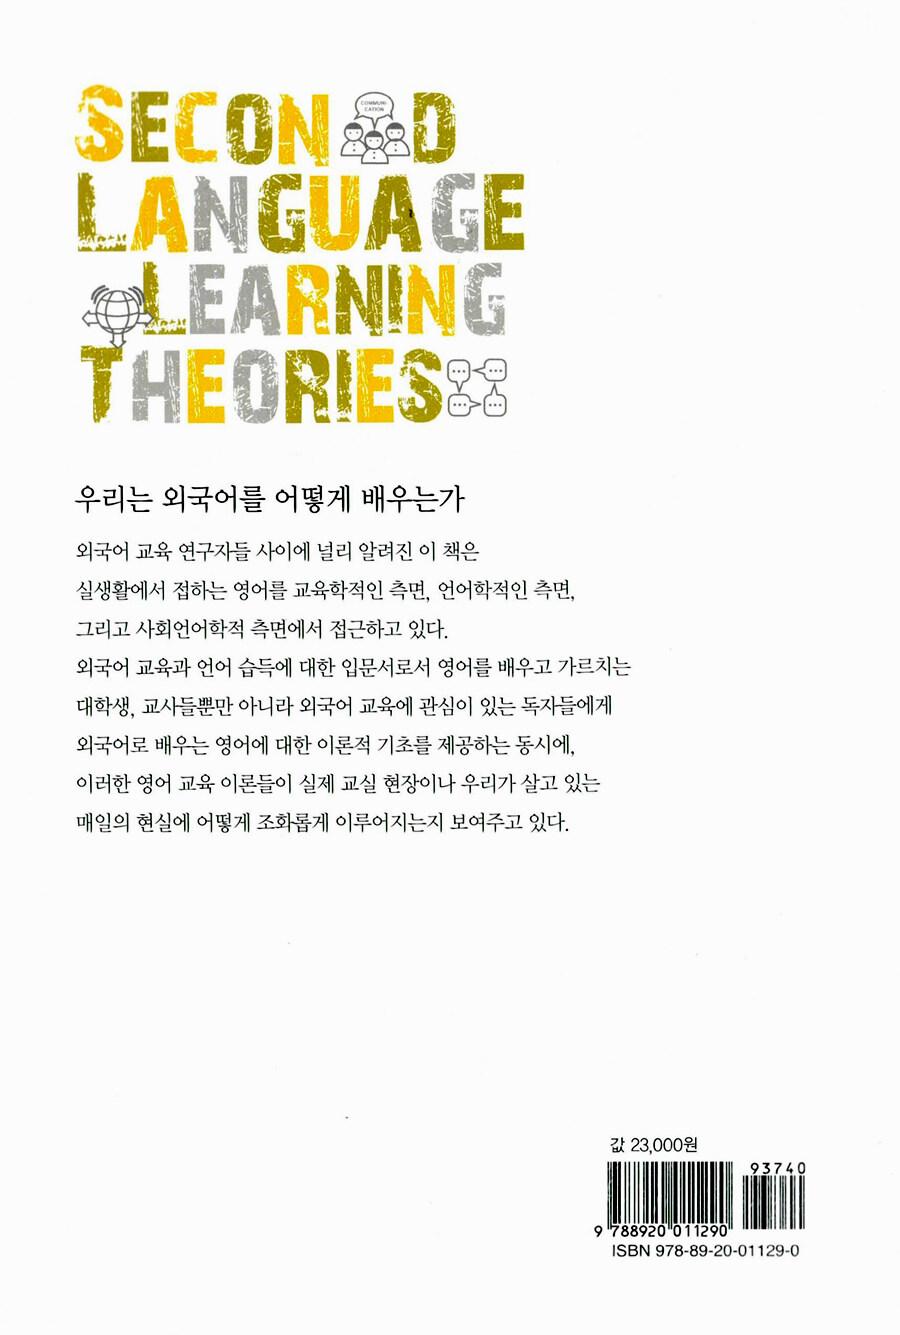 제2언어 학습론 : 우리는 외국어를 어떻게 배우는가